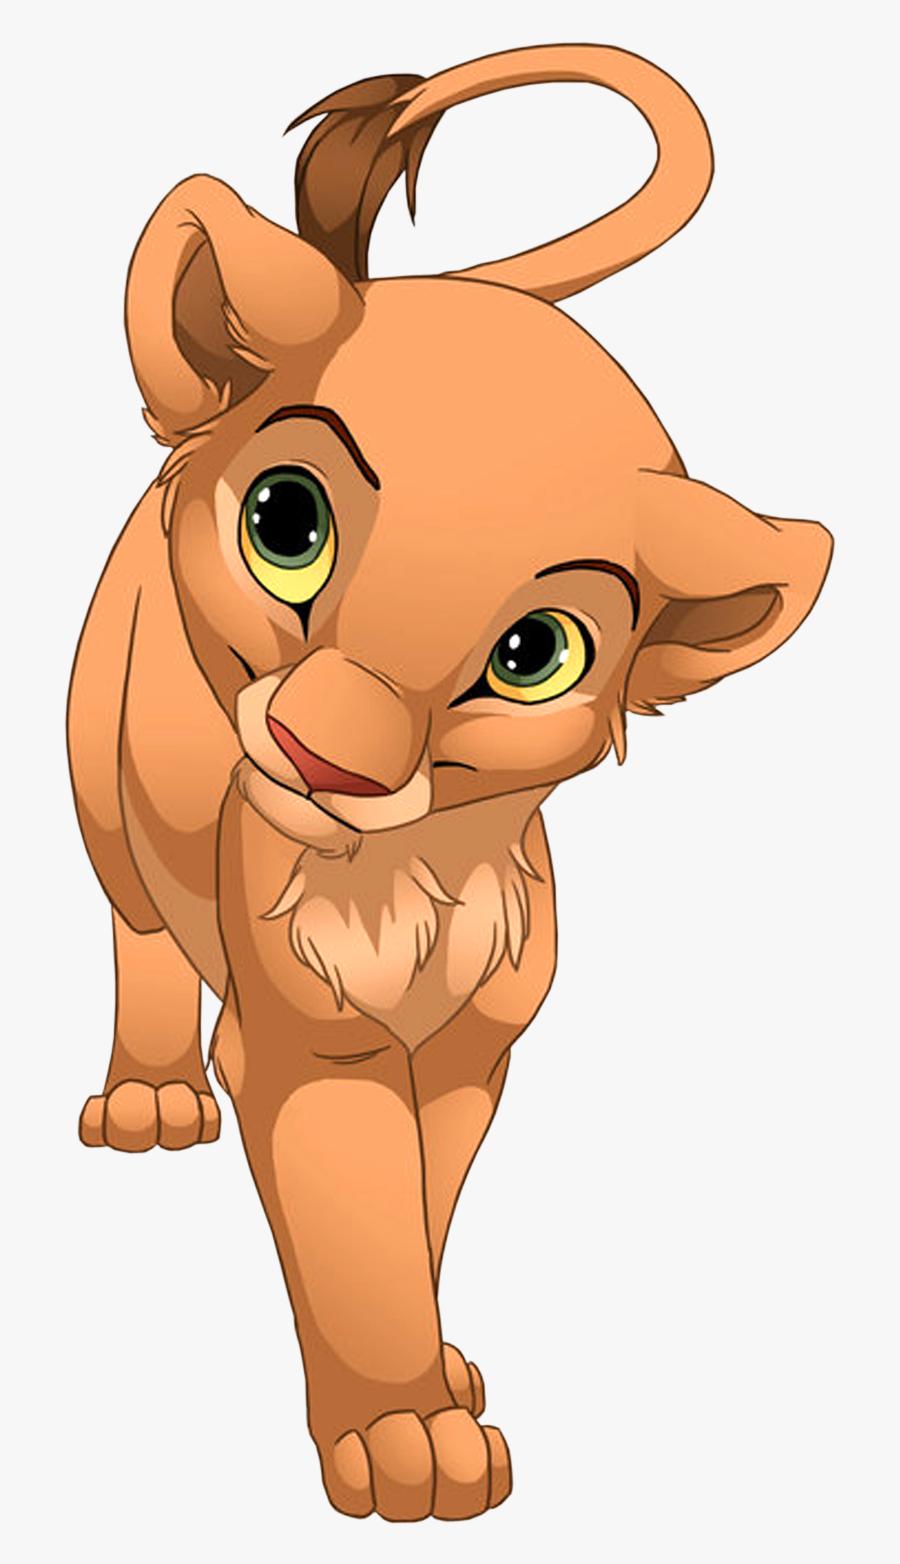 Lions Clipart Nose - Nala Lion King, Transparent Clipart